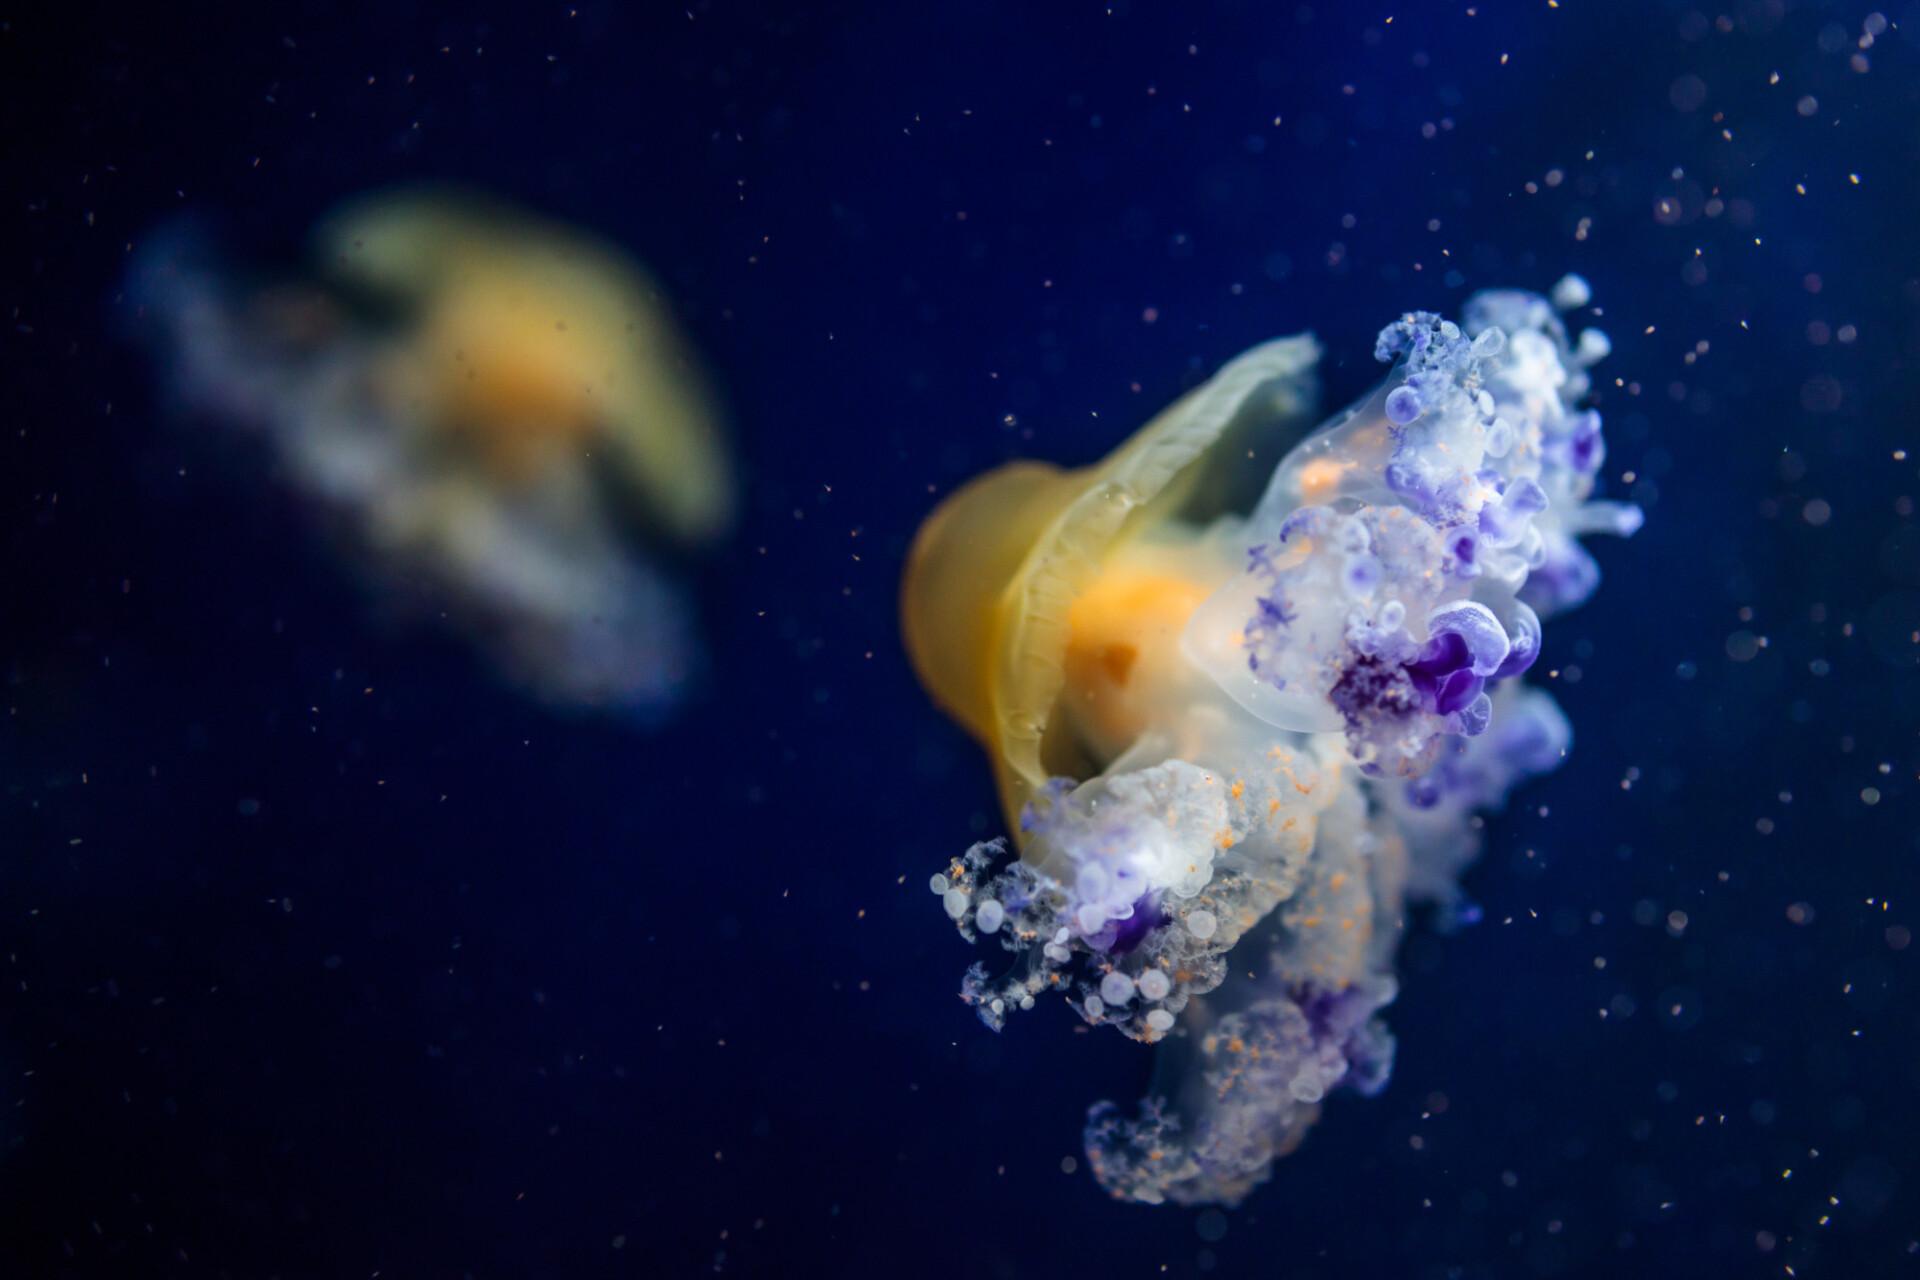 Cotylorhiza tuberculata, Mediterranean jellyfish, Mediterranean jelly or fried egg jellyfish